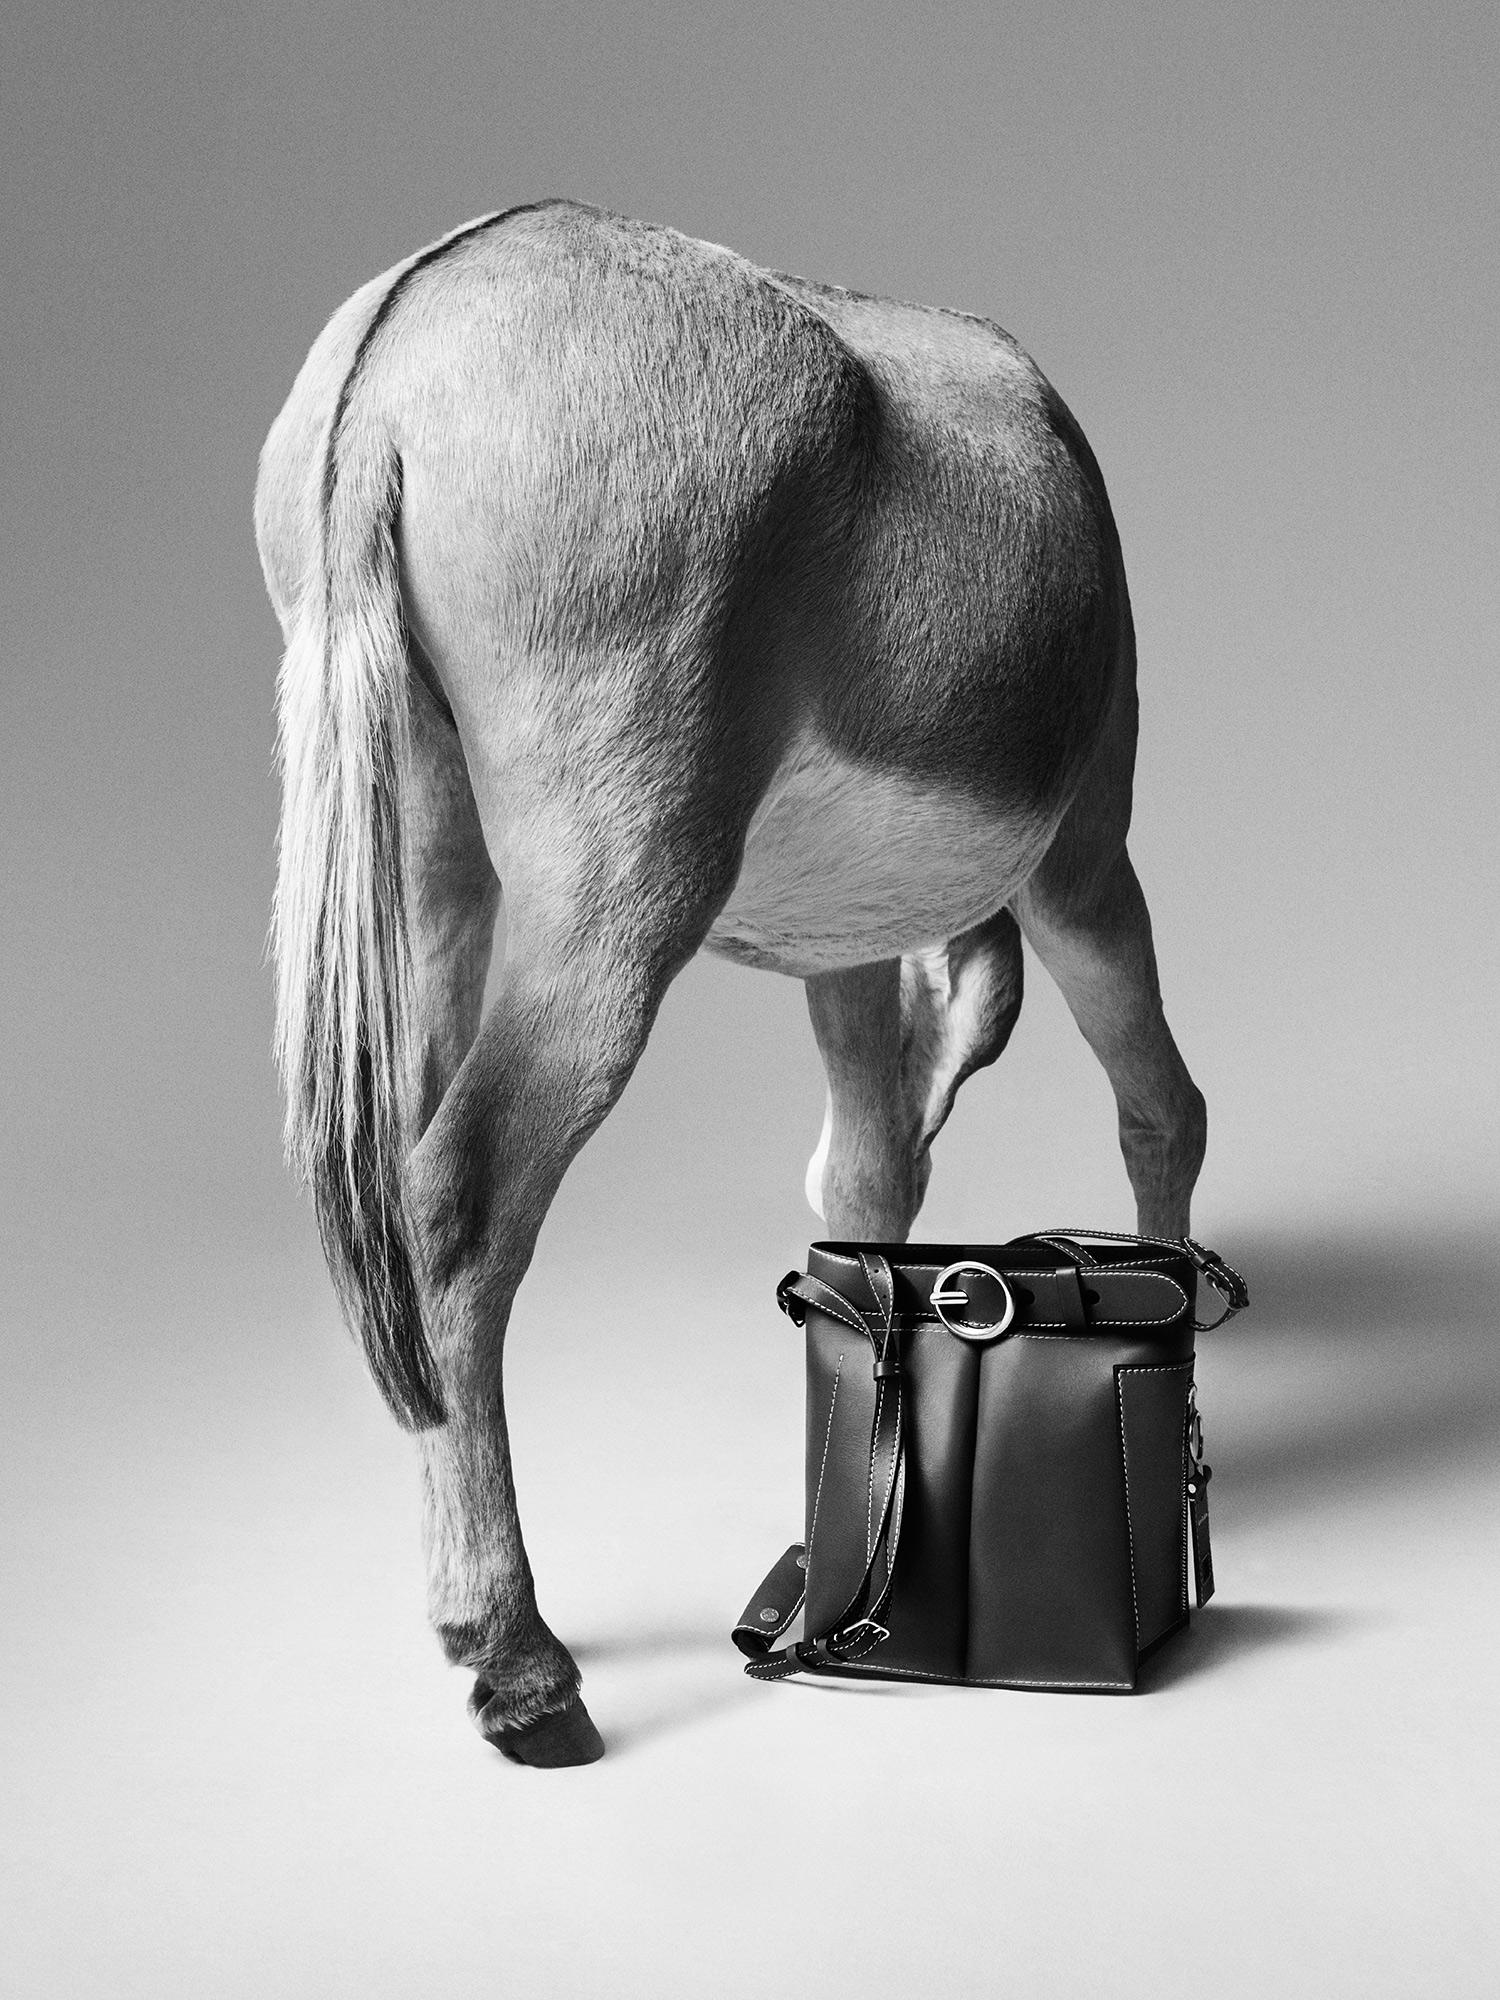 acne,-donkey3.jpg